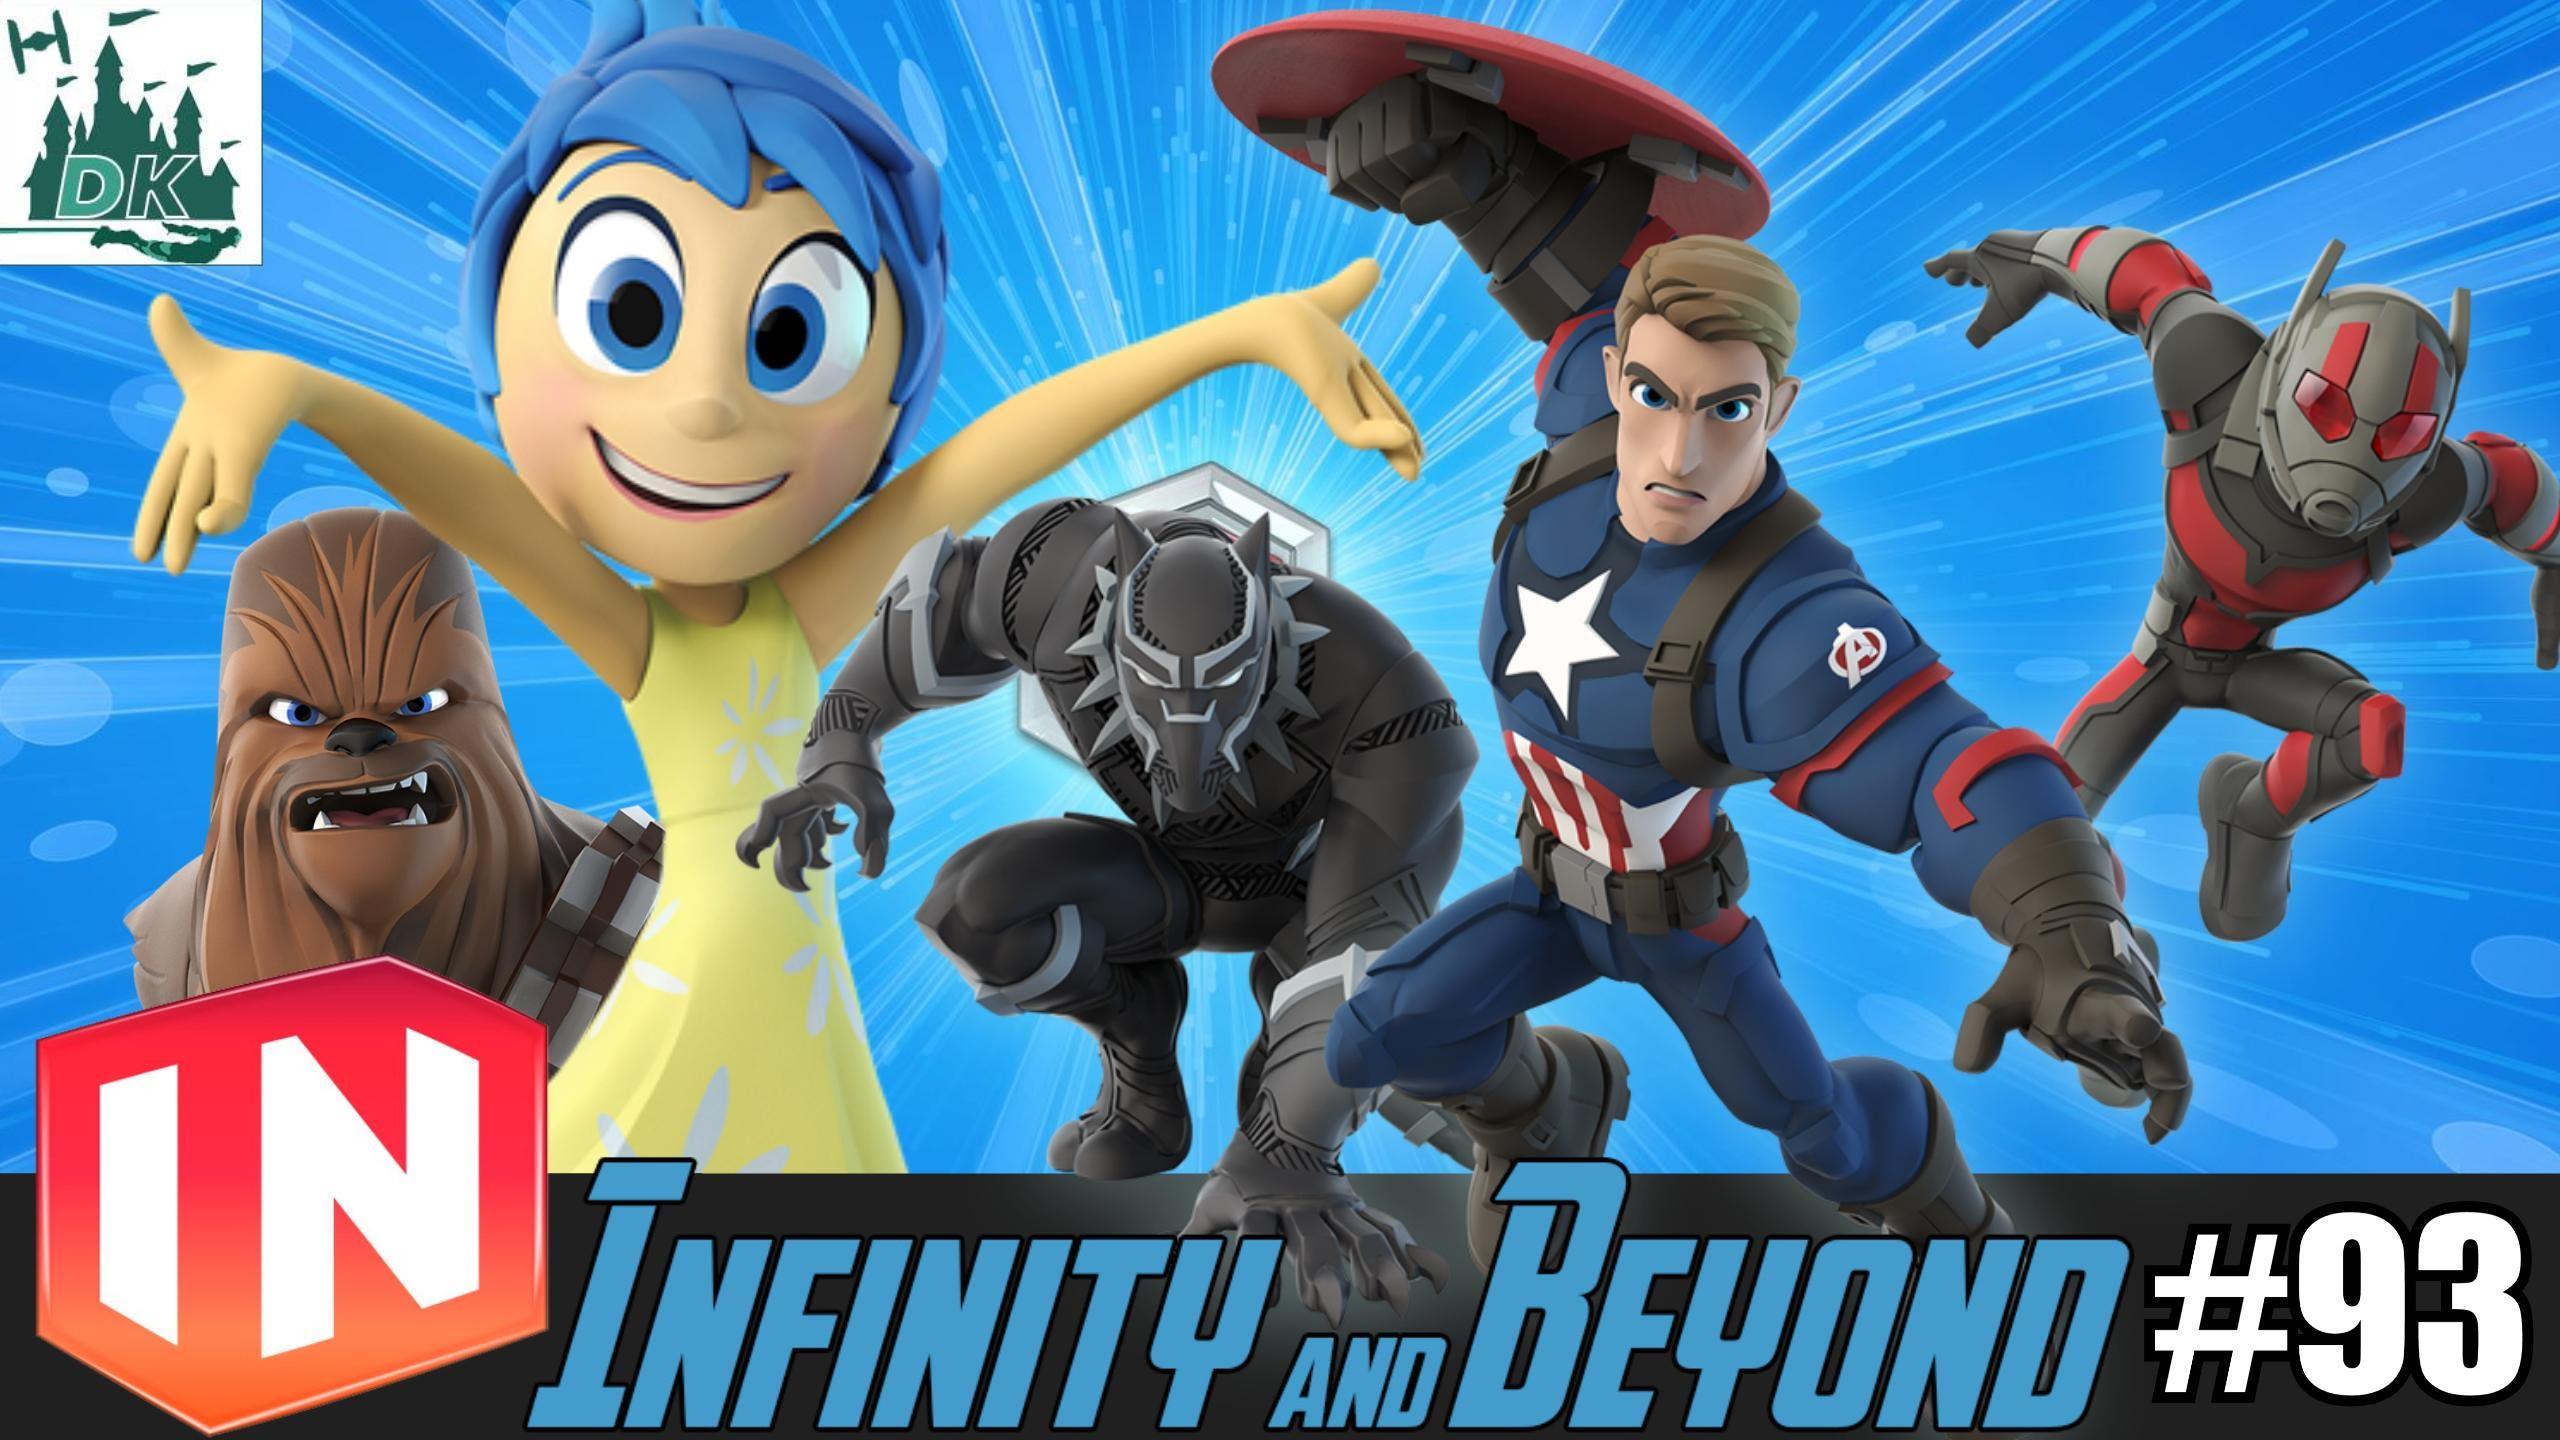 Disney Infinity 3.0 & Beyond #93 – How To Improve Disney Infinity?